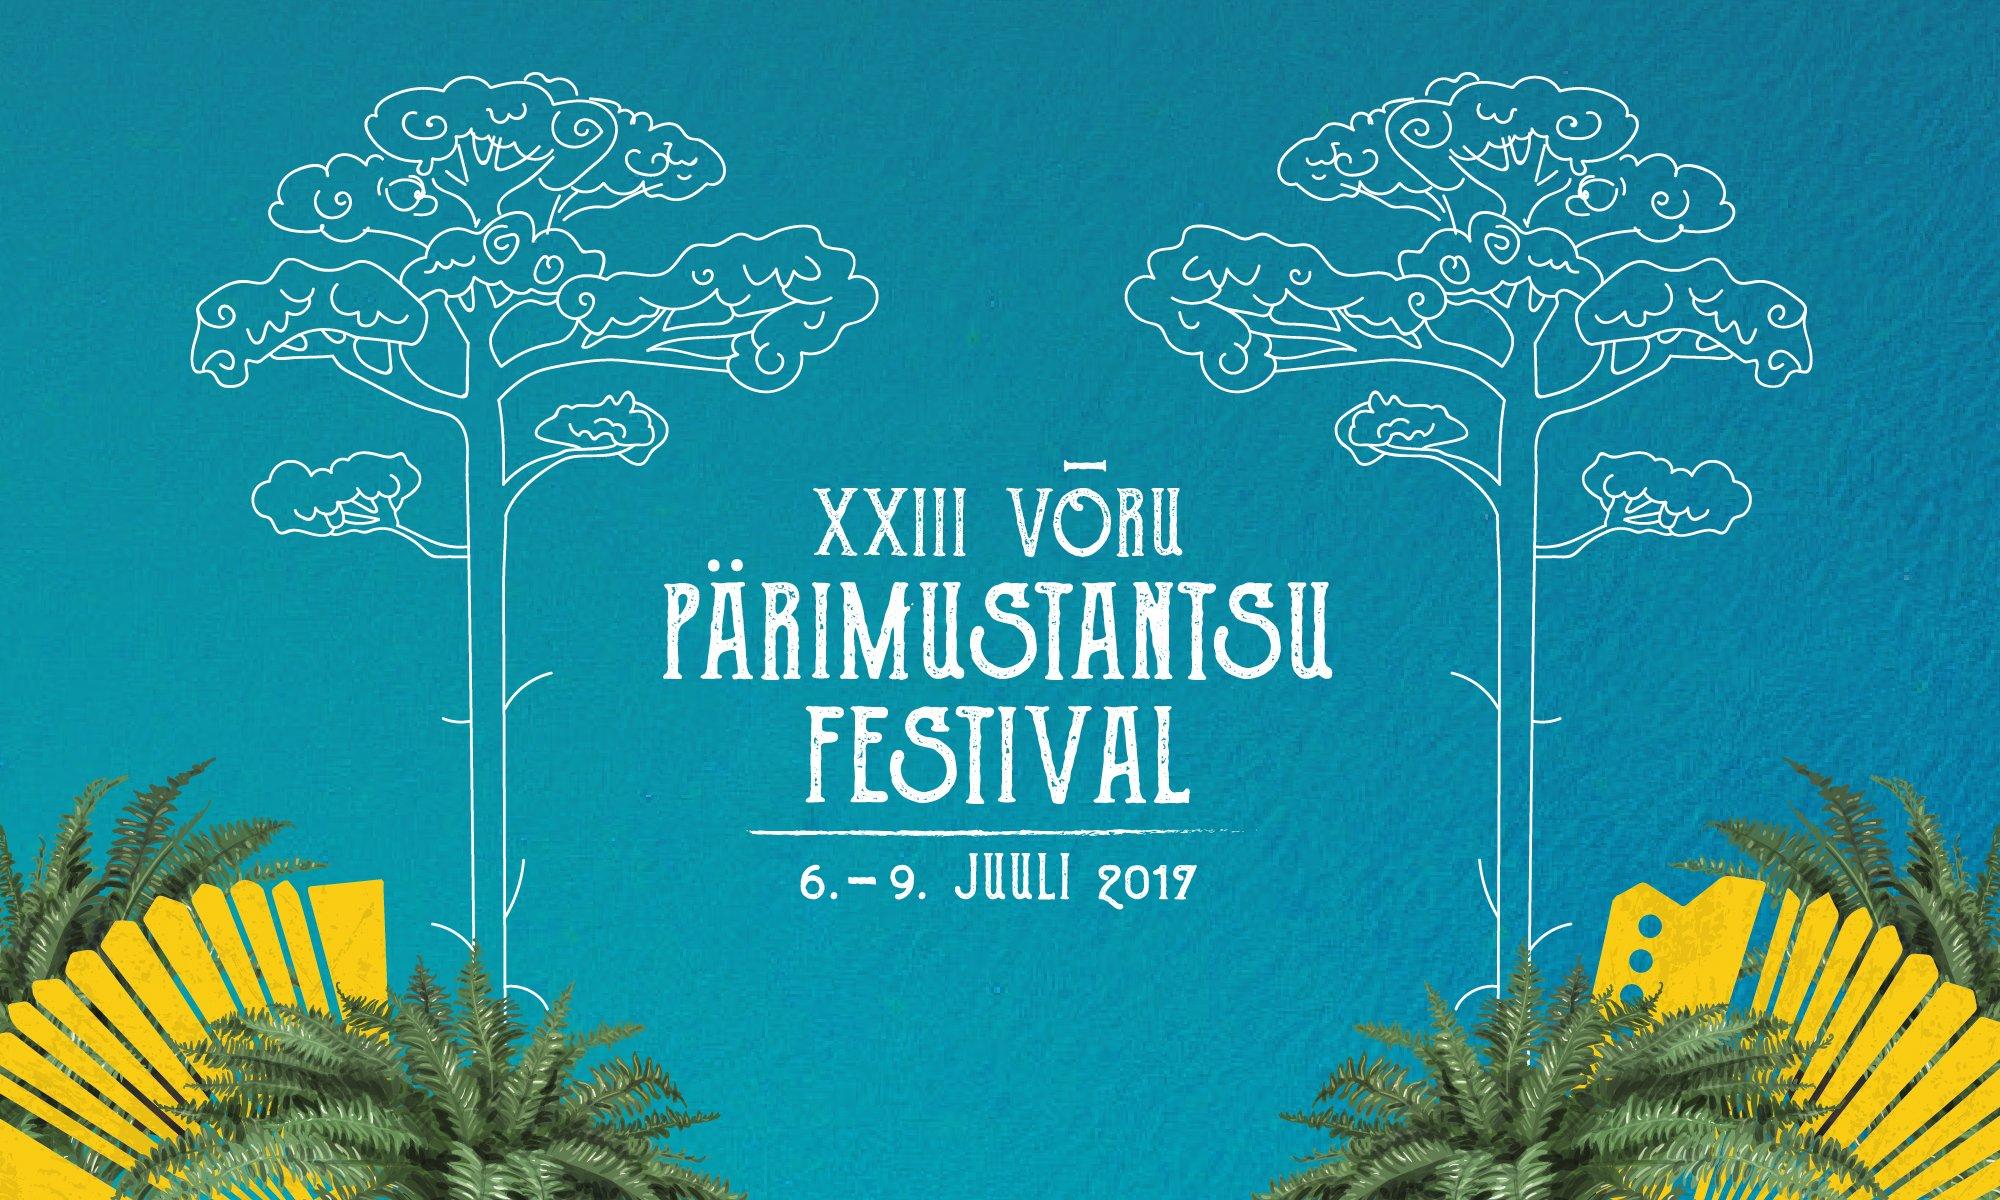 Võru pärimustantsu festival